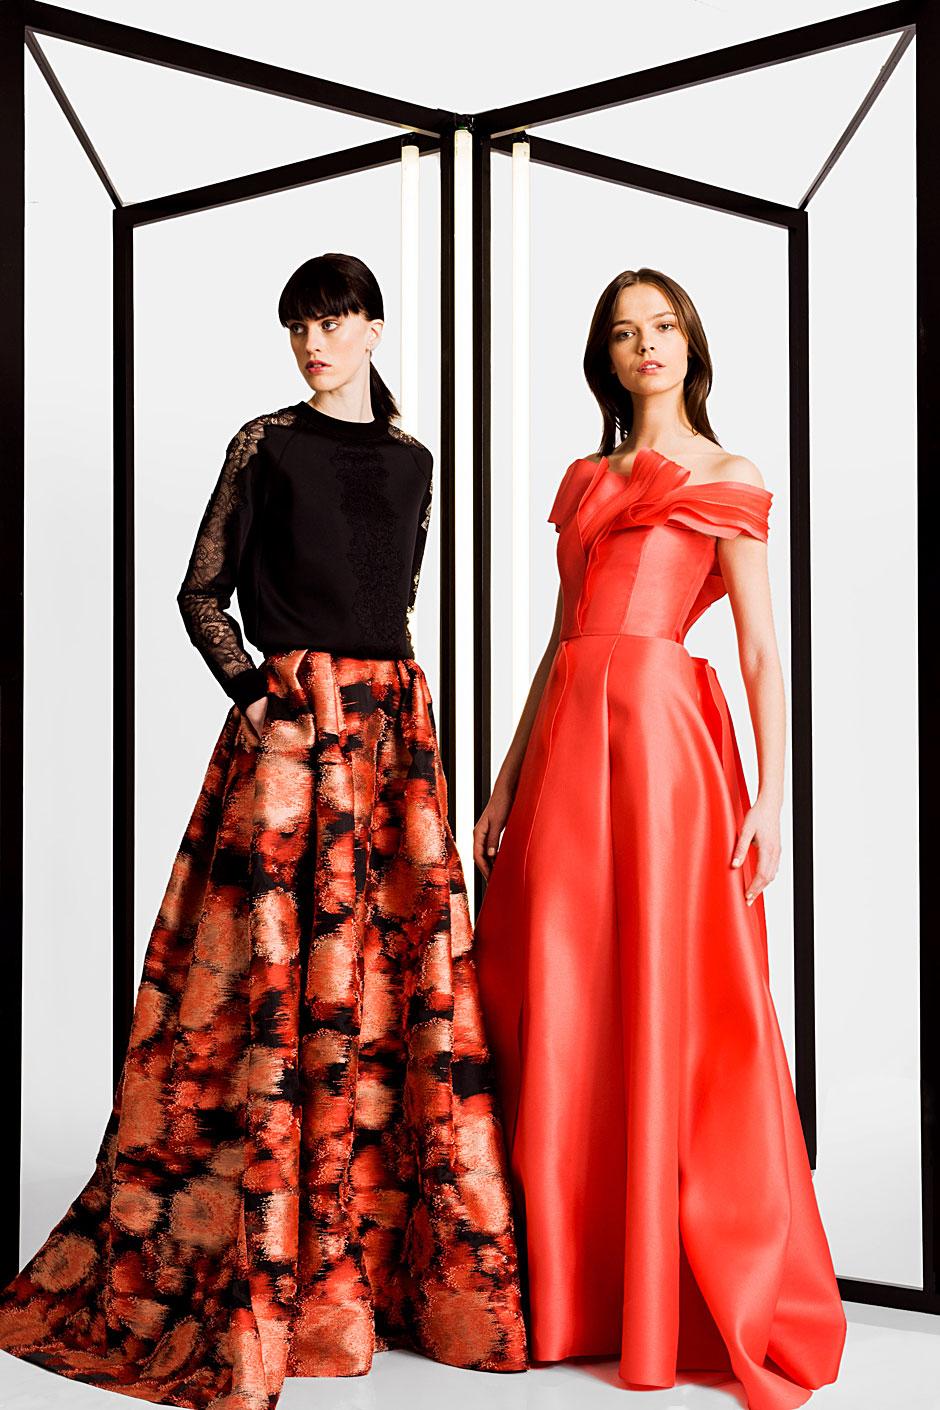 As propostas de Carolina Herrera para a coleção Pre-fall 2016 primam pela  elegância feminina expressa em silhuetas sofisticadas. 44b64630a5